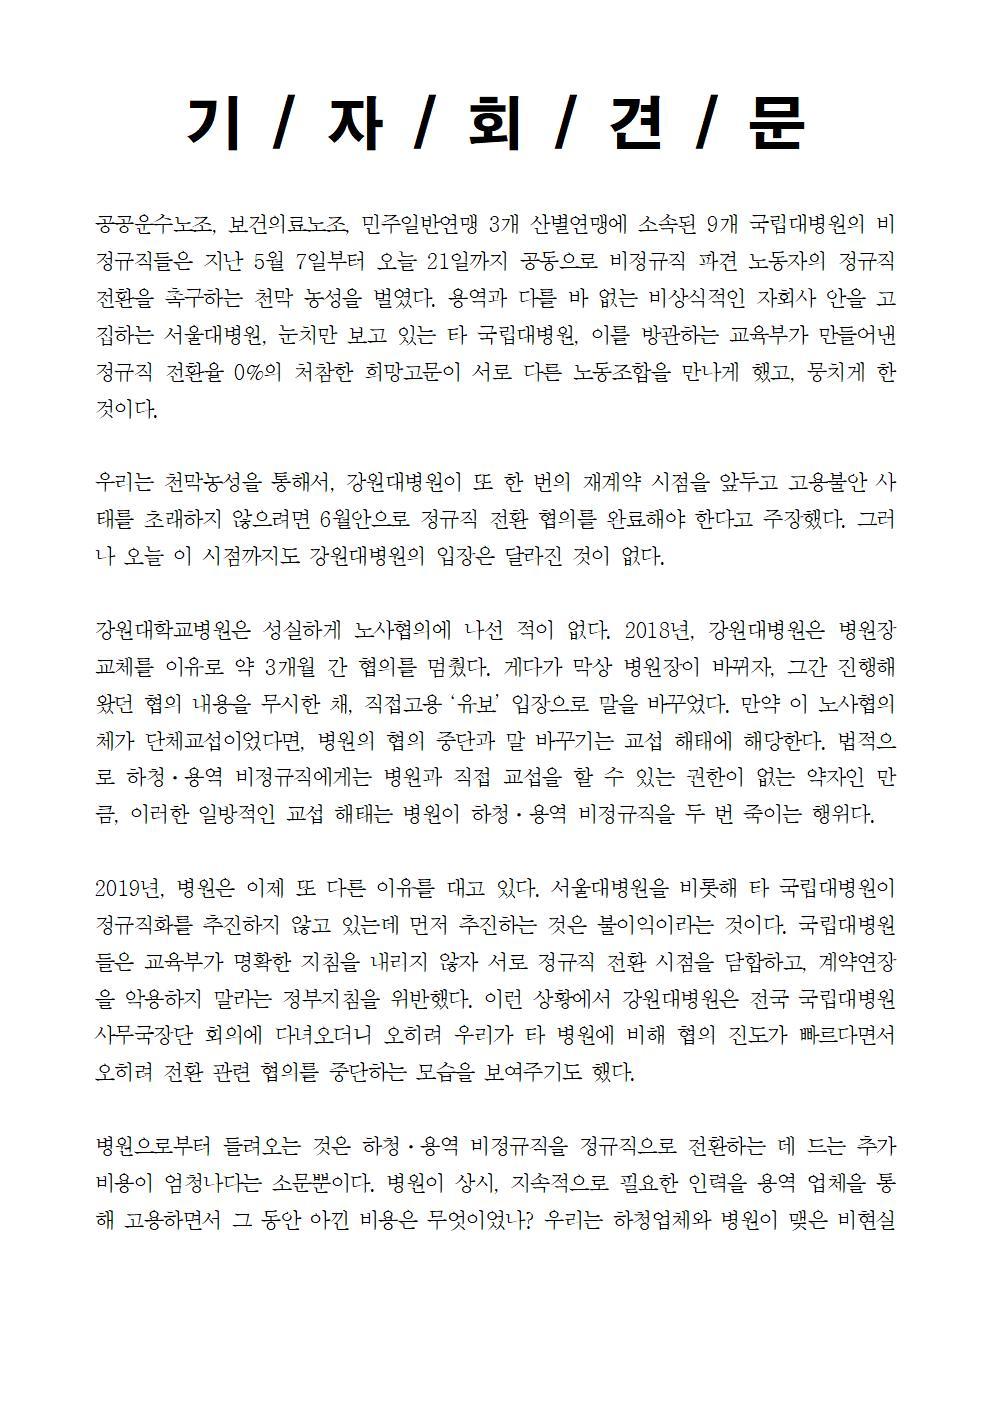 20190521_[보도자료]_강원대병원_민들레분회_조정신청_공동투쟁004.jpg